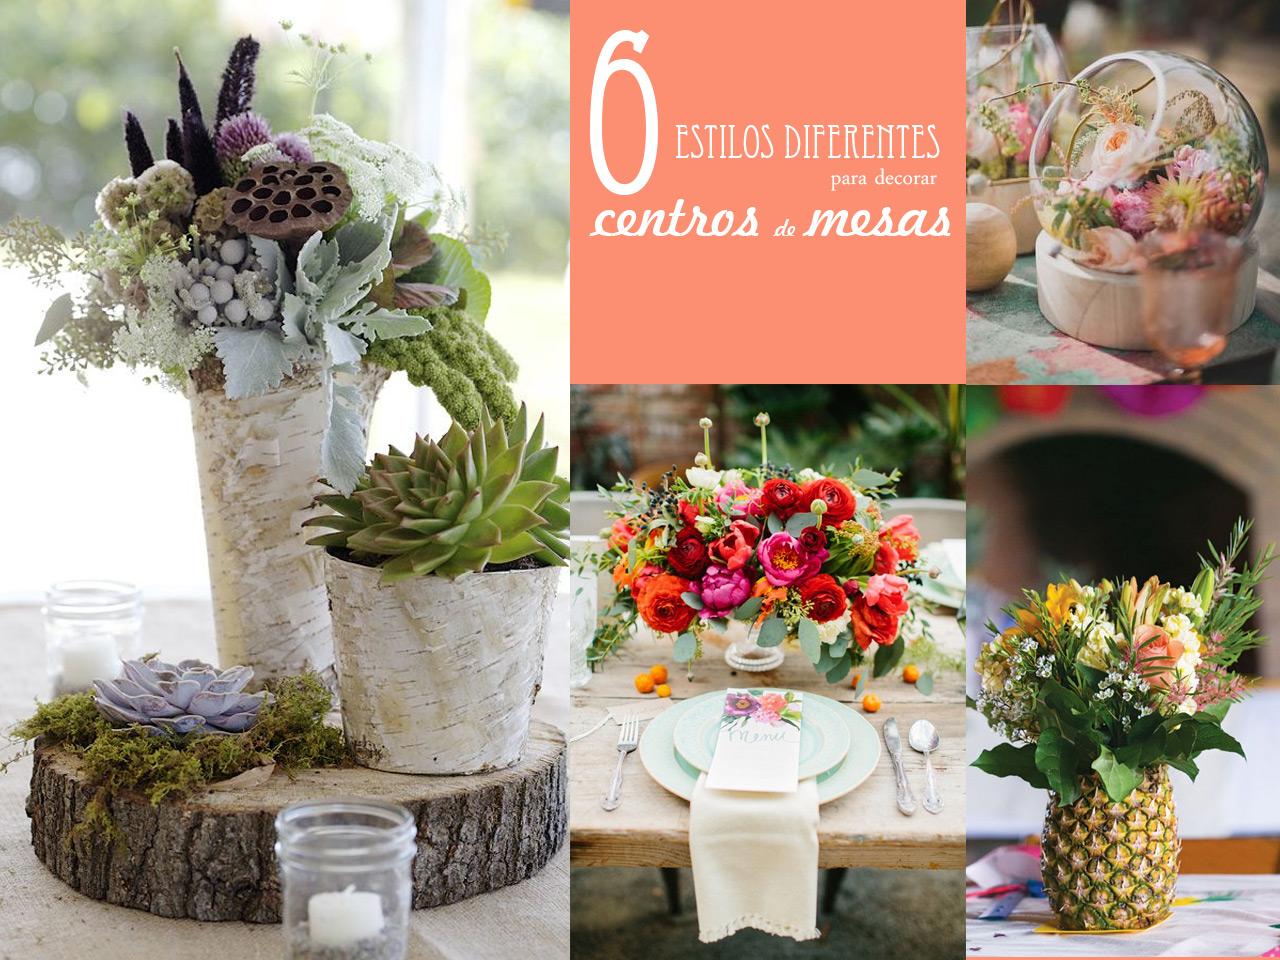 6 estilos diferentes para decorar con centros de mesa